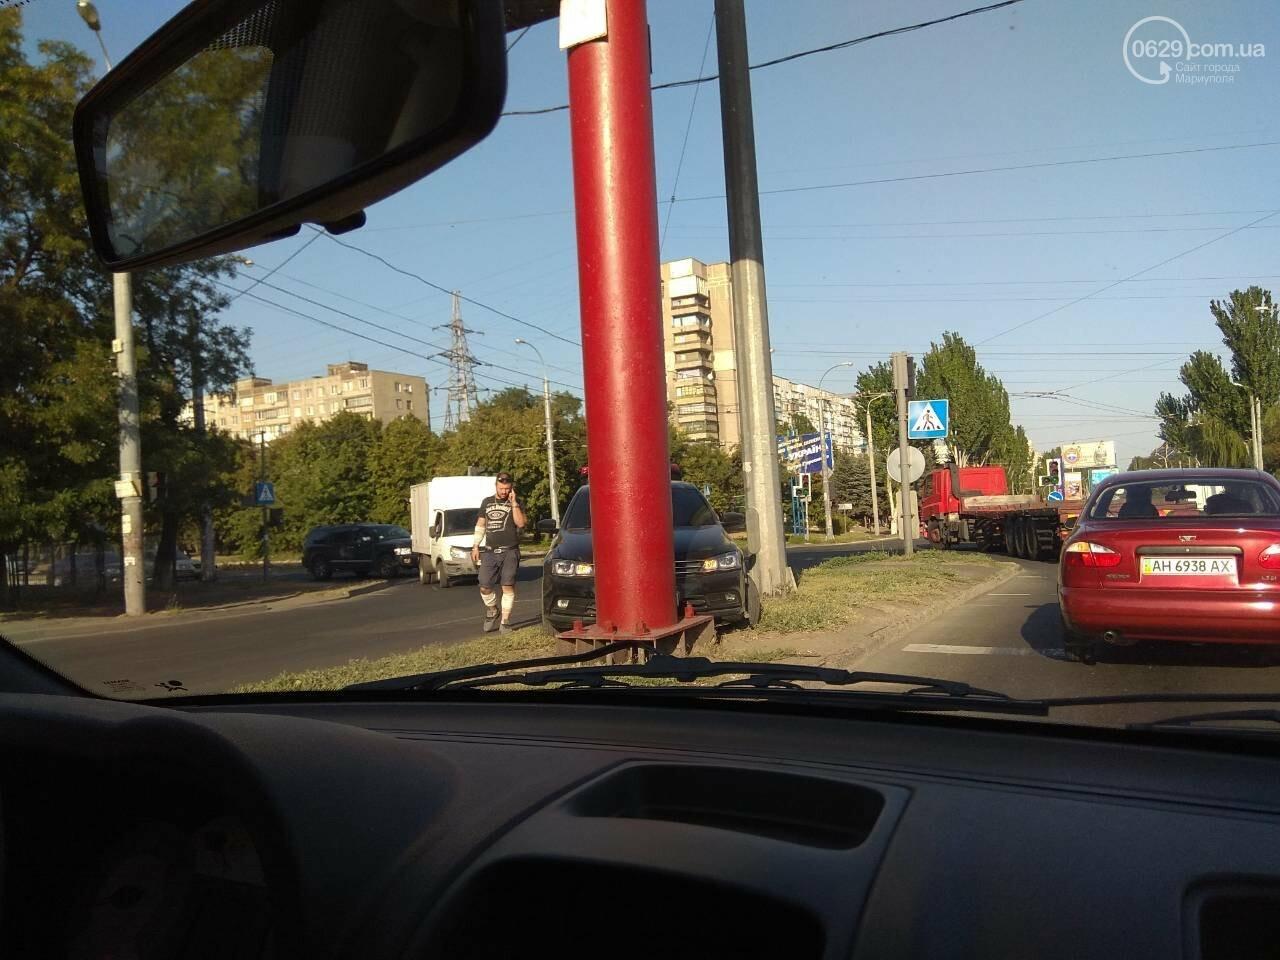 """Перепутала газ с тормозом! Мариупольчанка на """"Фольксвагене"""" врезалась в бигборд, - ФОТО, фото-1"""